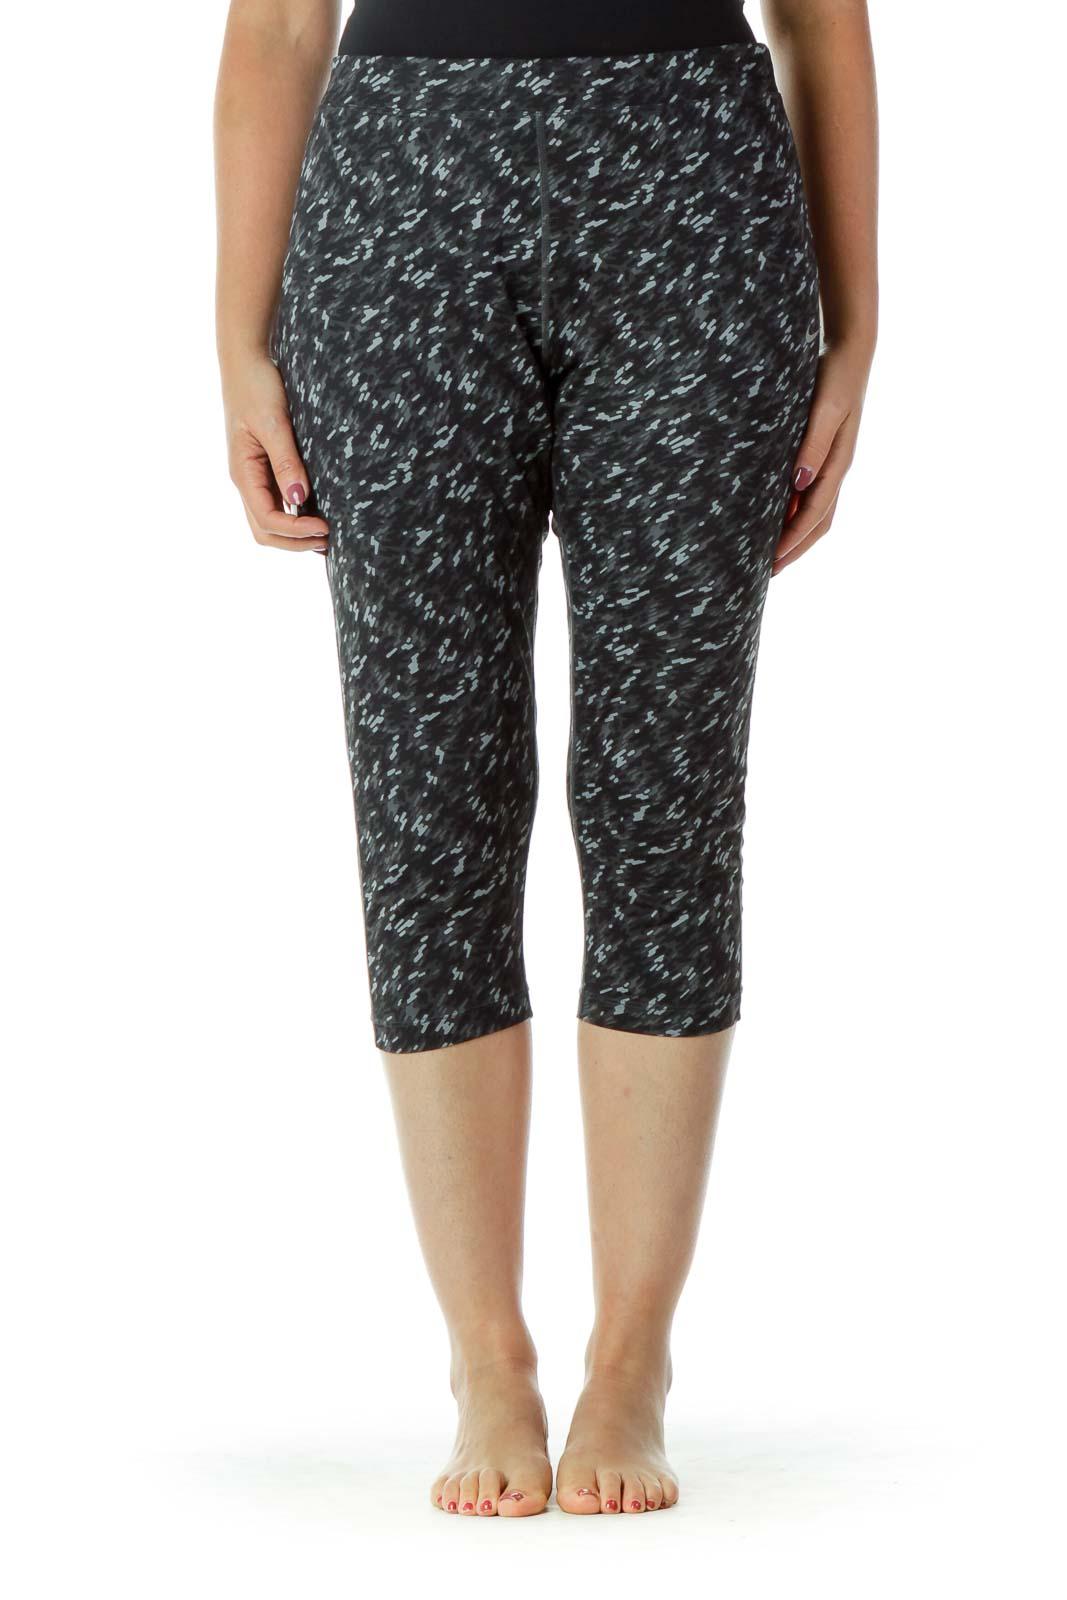 Gray Printed Yoga Pants